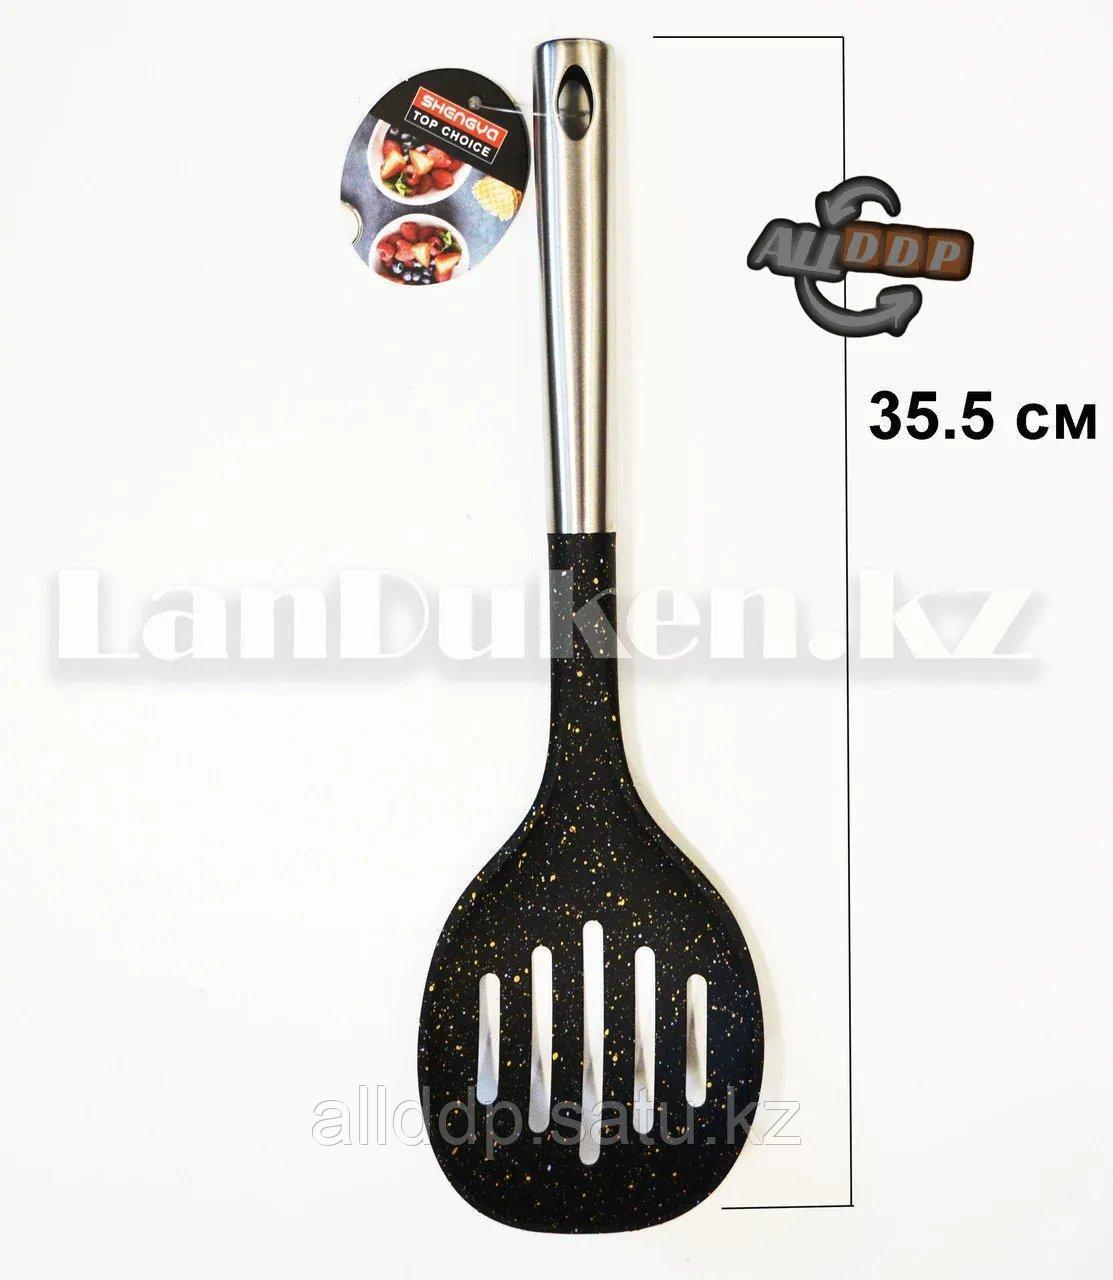 Шумовка с ручкой из нержавеющей стали и отверстиями кухонная шумовка (35.5 см)